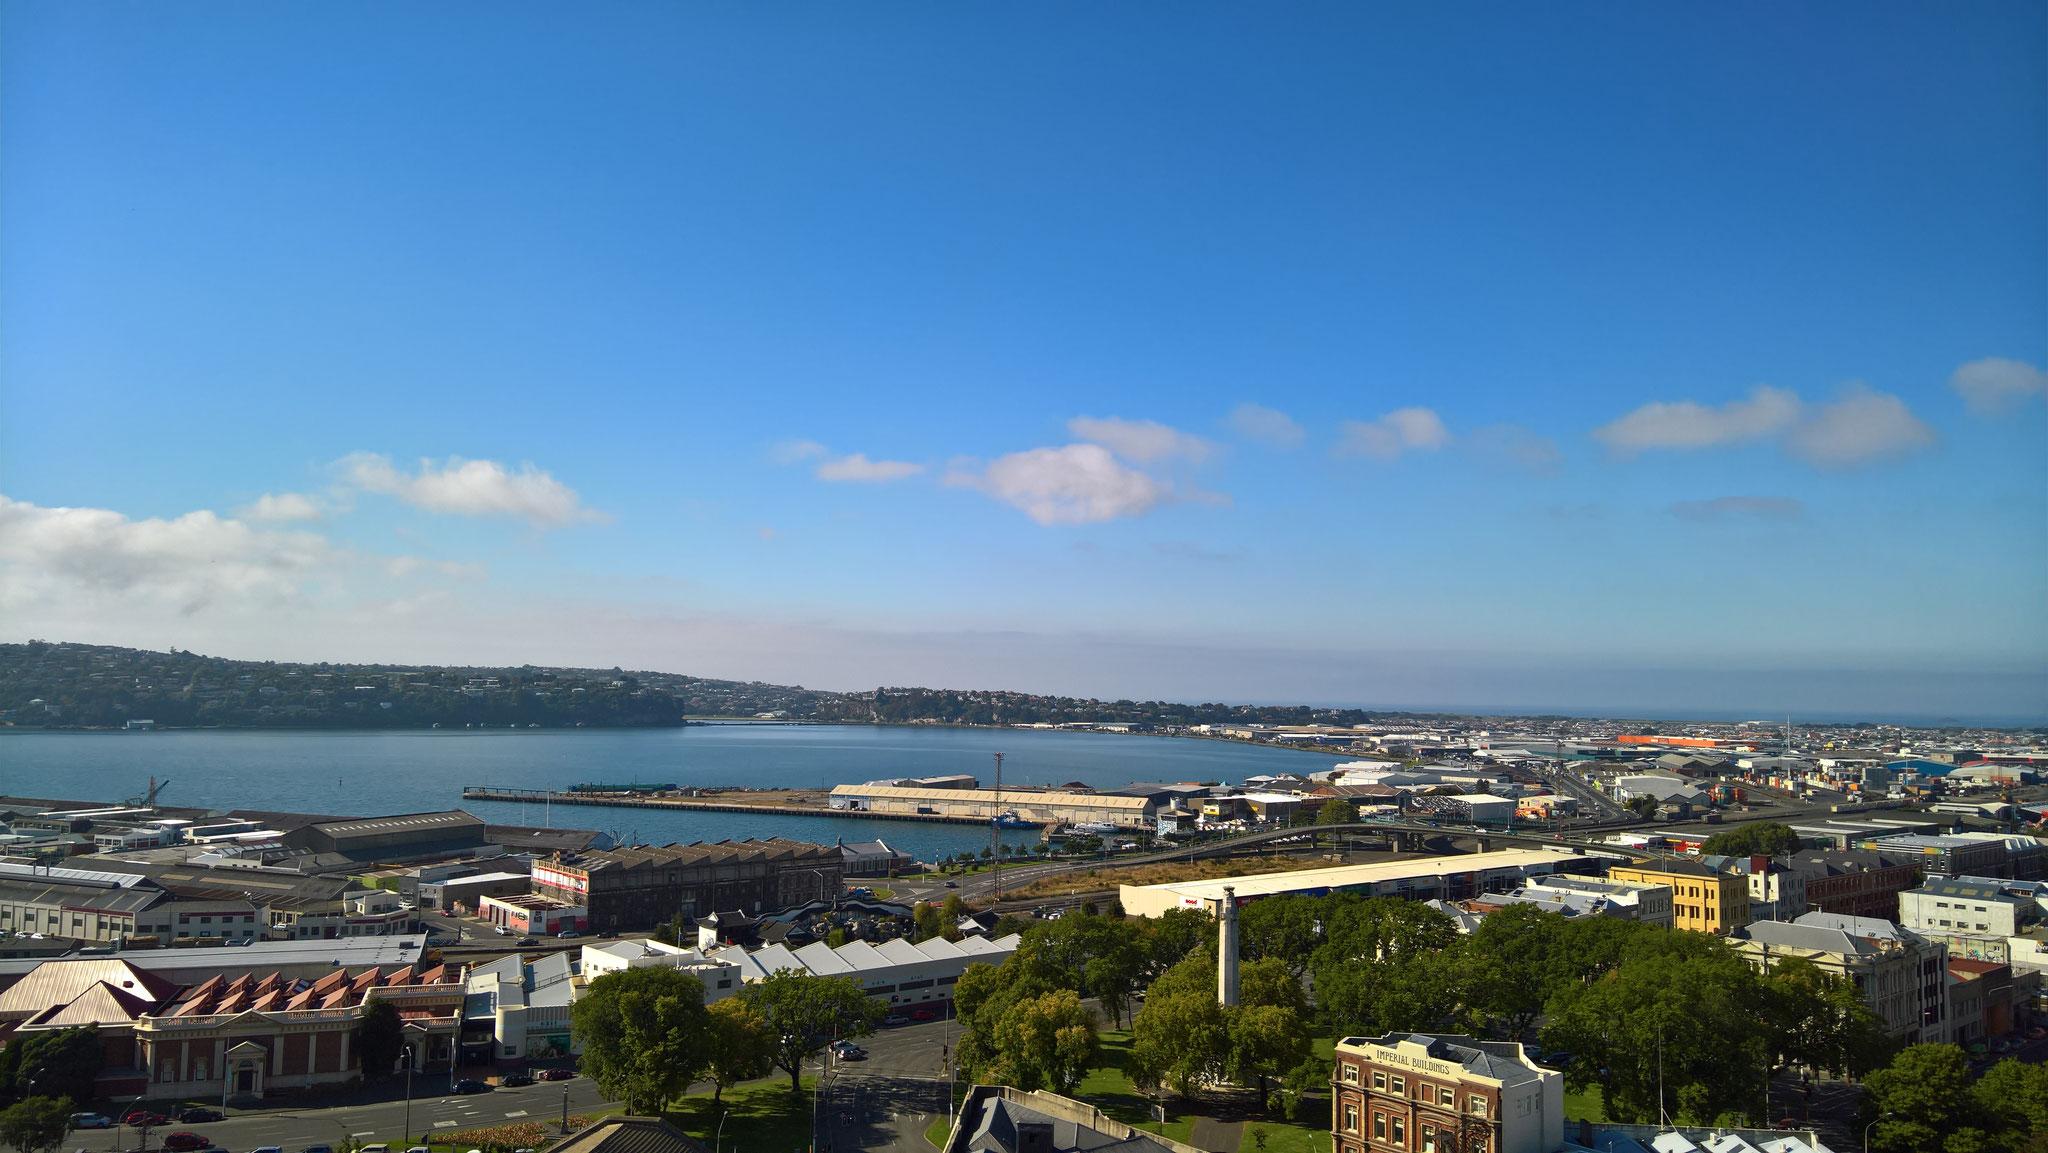 Port de Dunedin